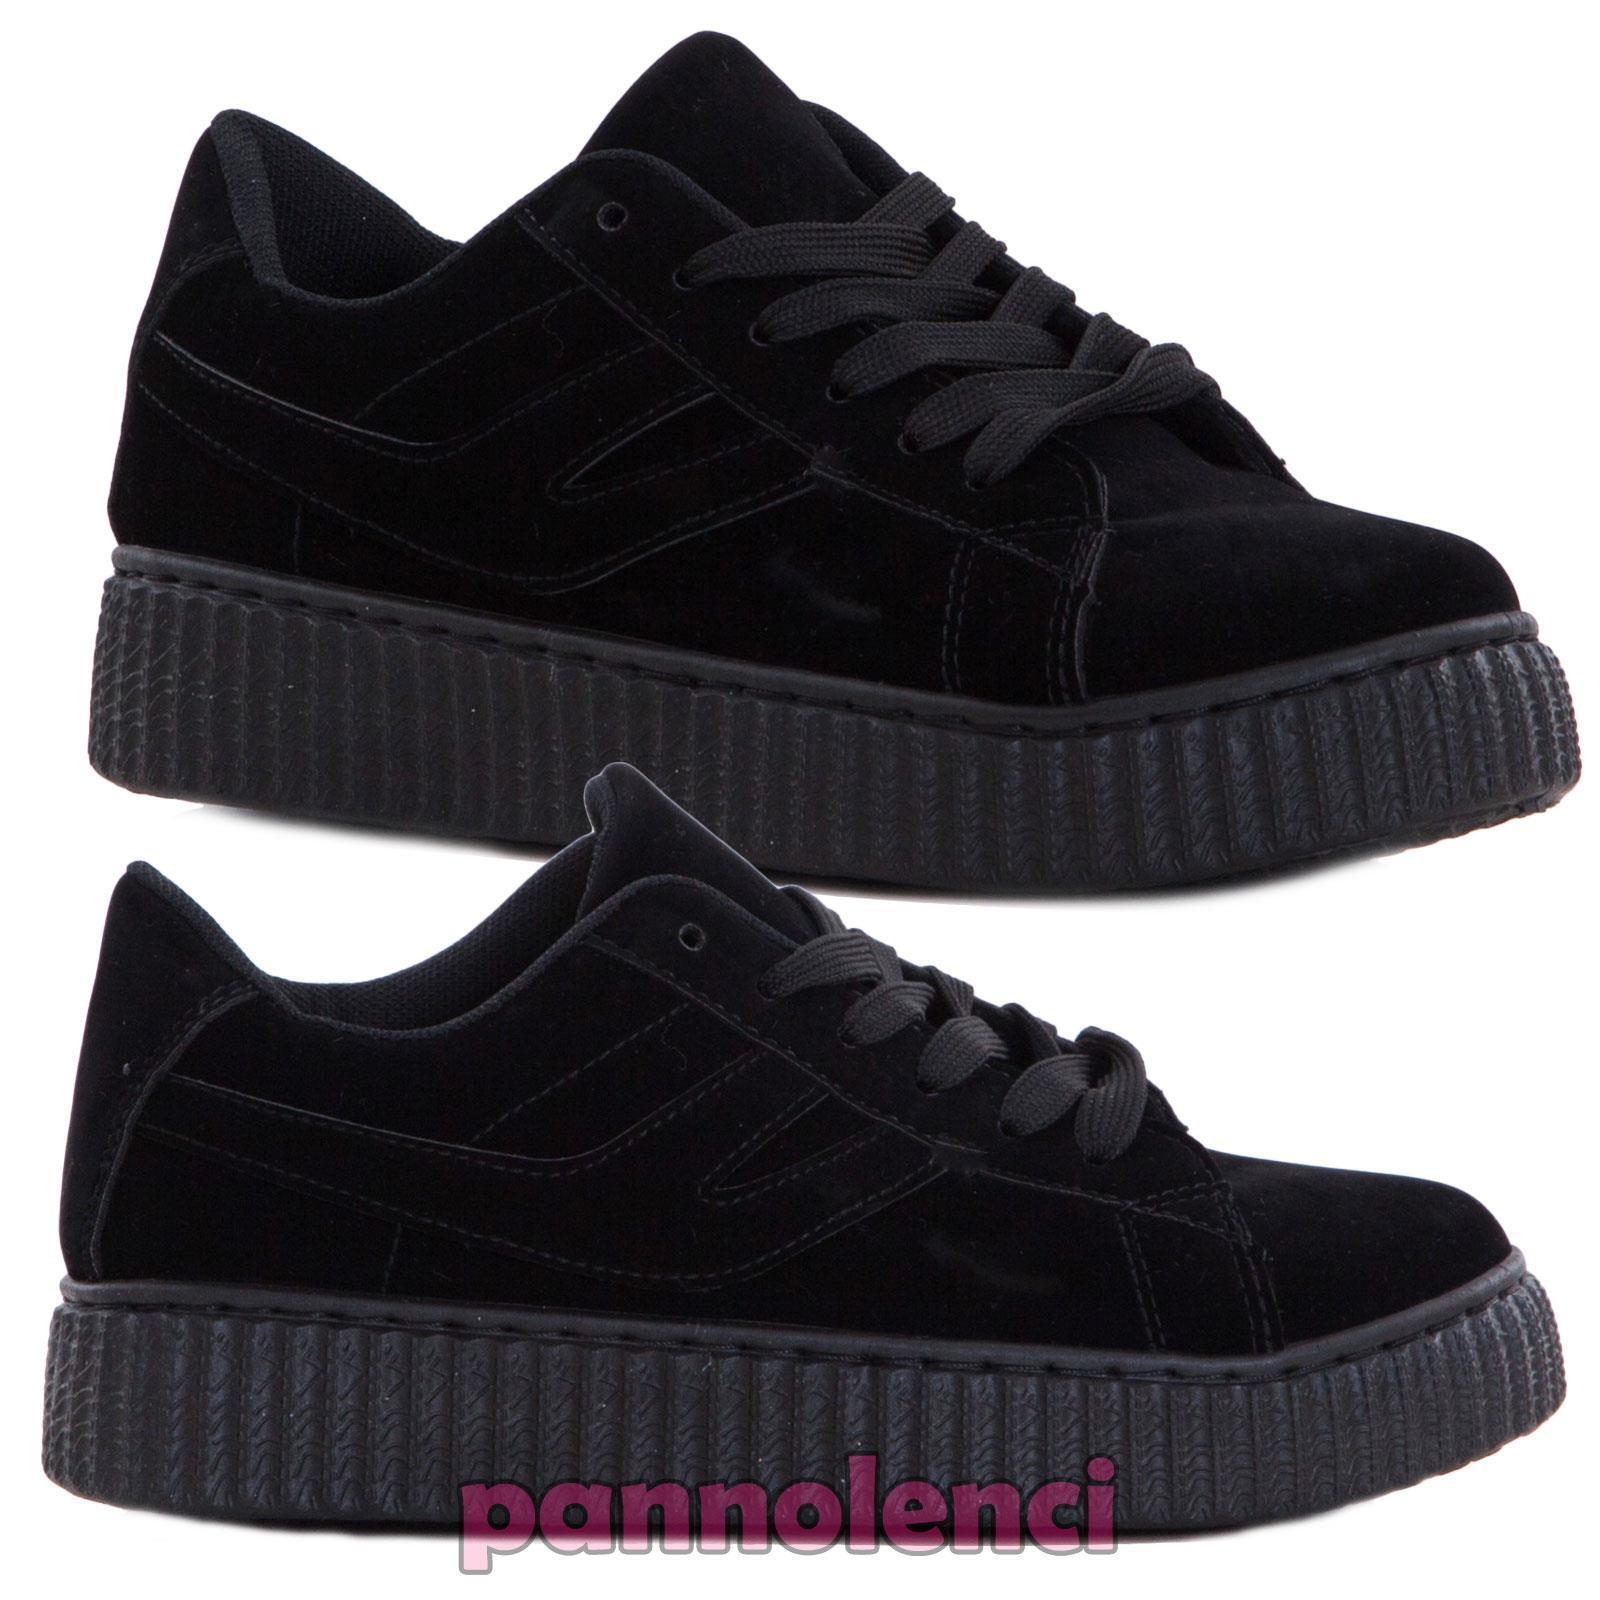 Chaussures Femme Sportif Baskets en Daim Casual à Lacets Neuf J9XX0698-1